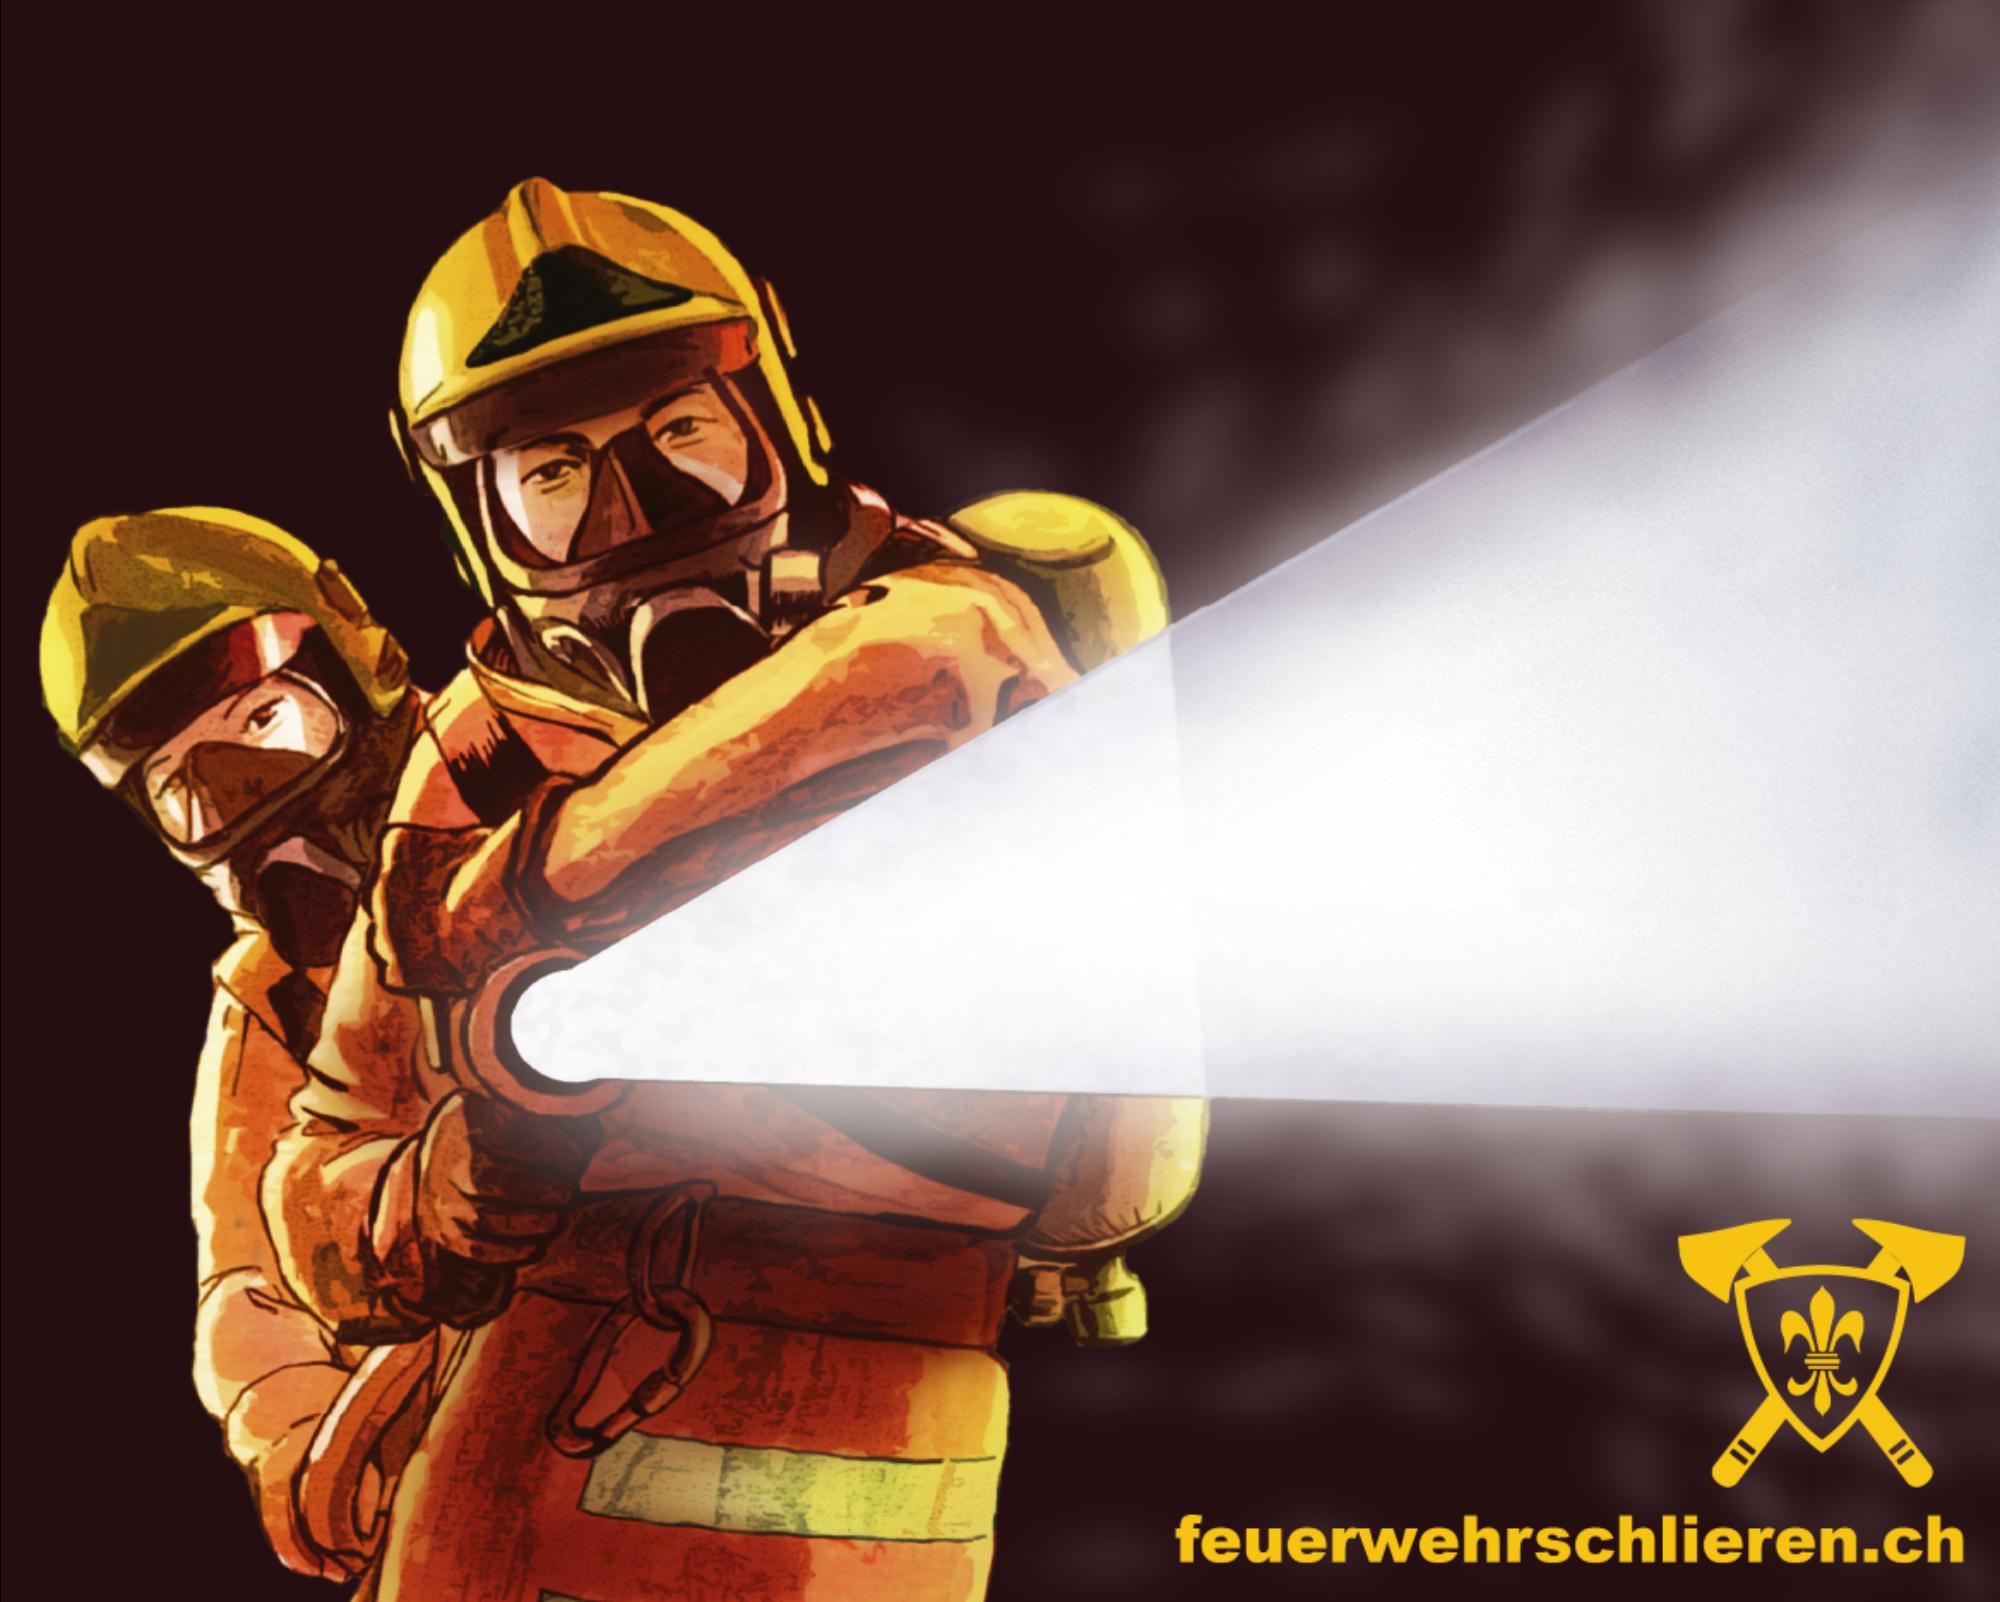 Feuerwehr Schlieren